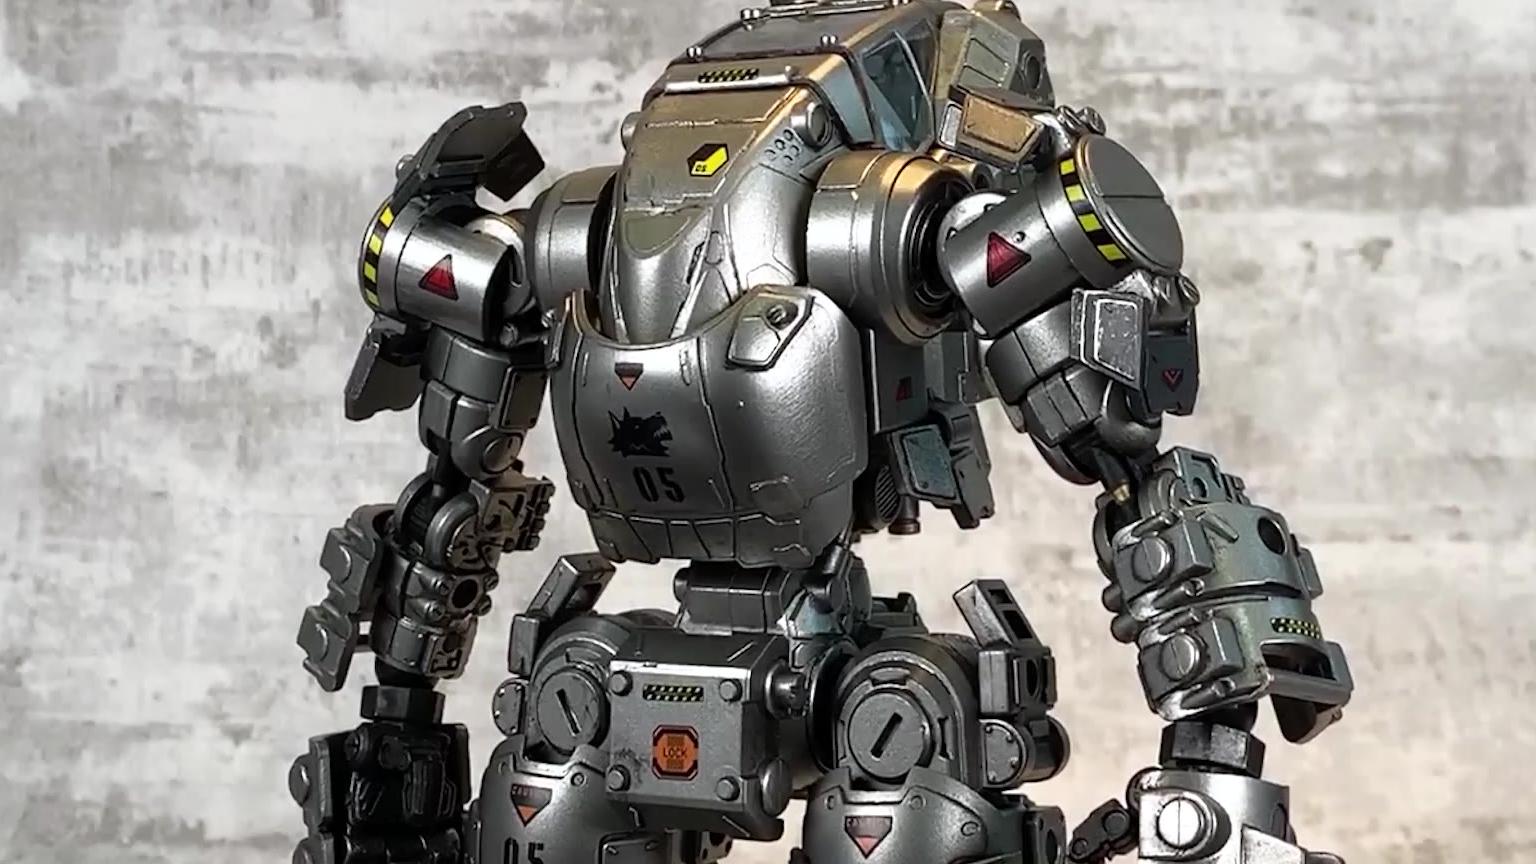 【78速开】暗源H02攻击机甲